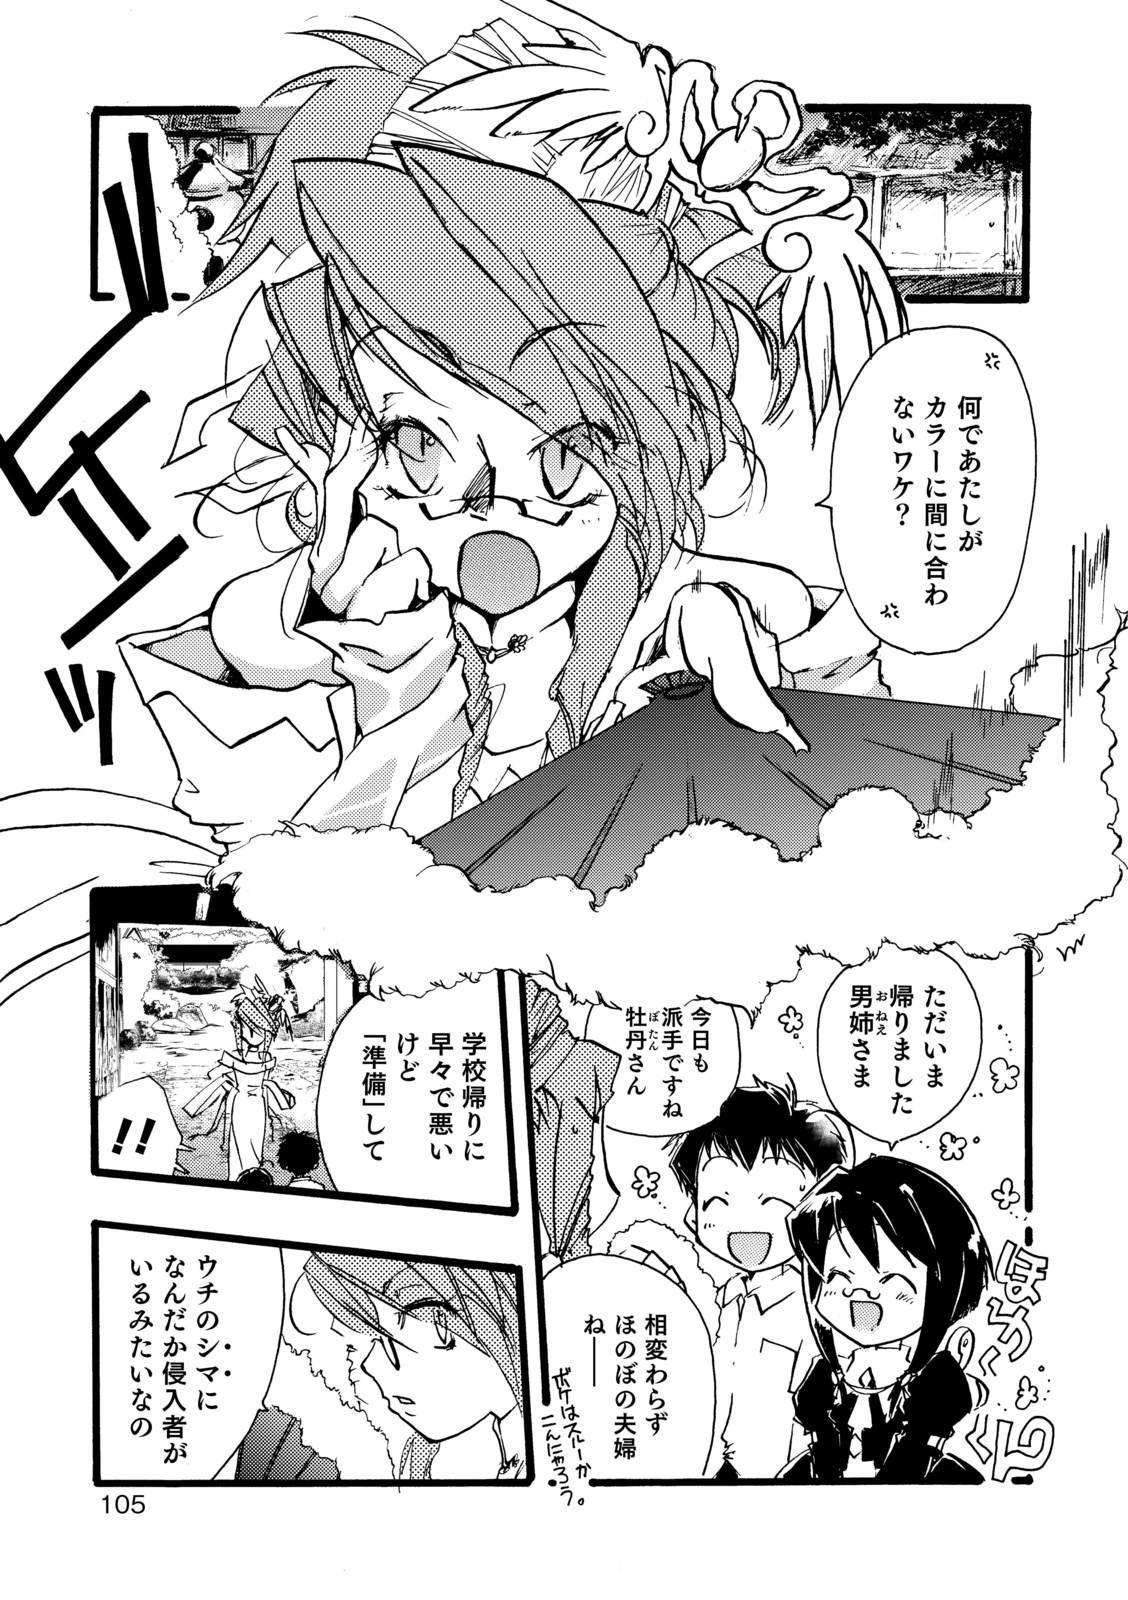 Otokonoko Heaven's Door 9 104